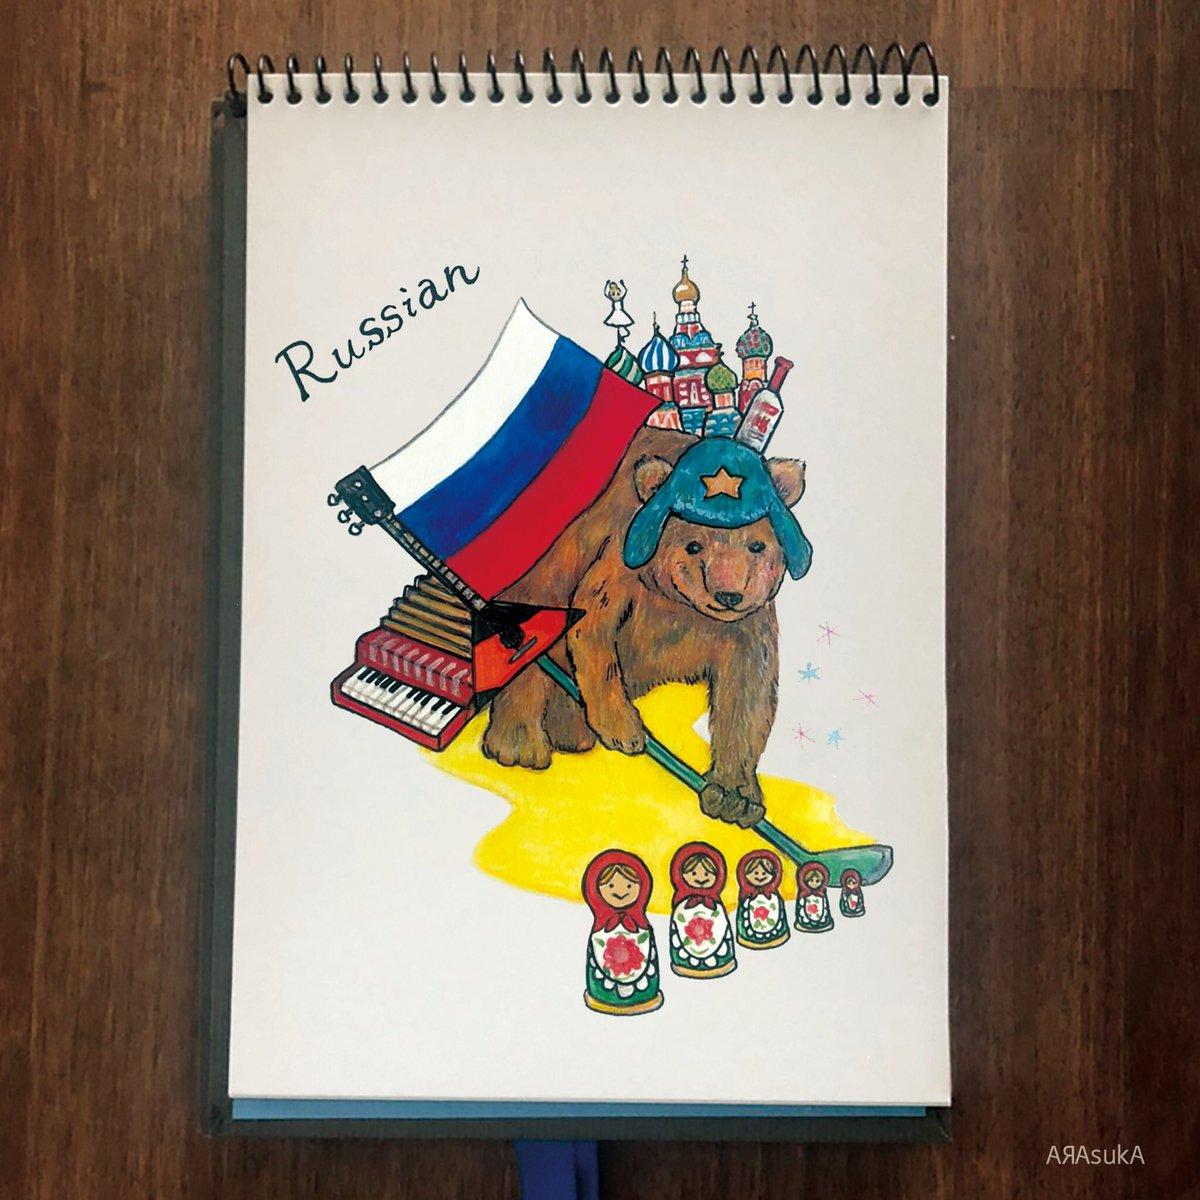 World×Animal ロシア🇷🇺×🐻  Instagram更新しました👇 https://t.co/G2VgTfdyHH  #art #world #animal #illustration #travel #Russia #bear #水彩画 #世界旅行 #ロシア #くま #アラスカ #イラスト好きさんと繋がりたい  #優しいフォロワーさんが拡散してくれてフォロワーさんが増える https://t.co/58cDjBovfx